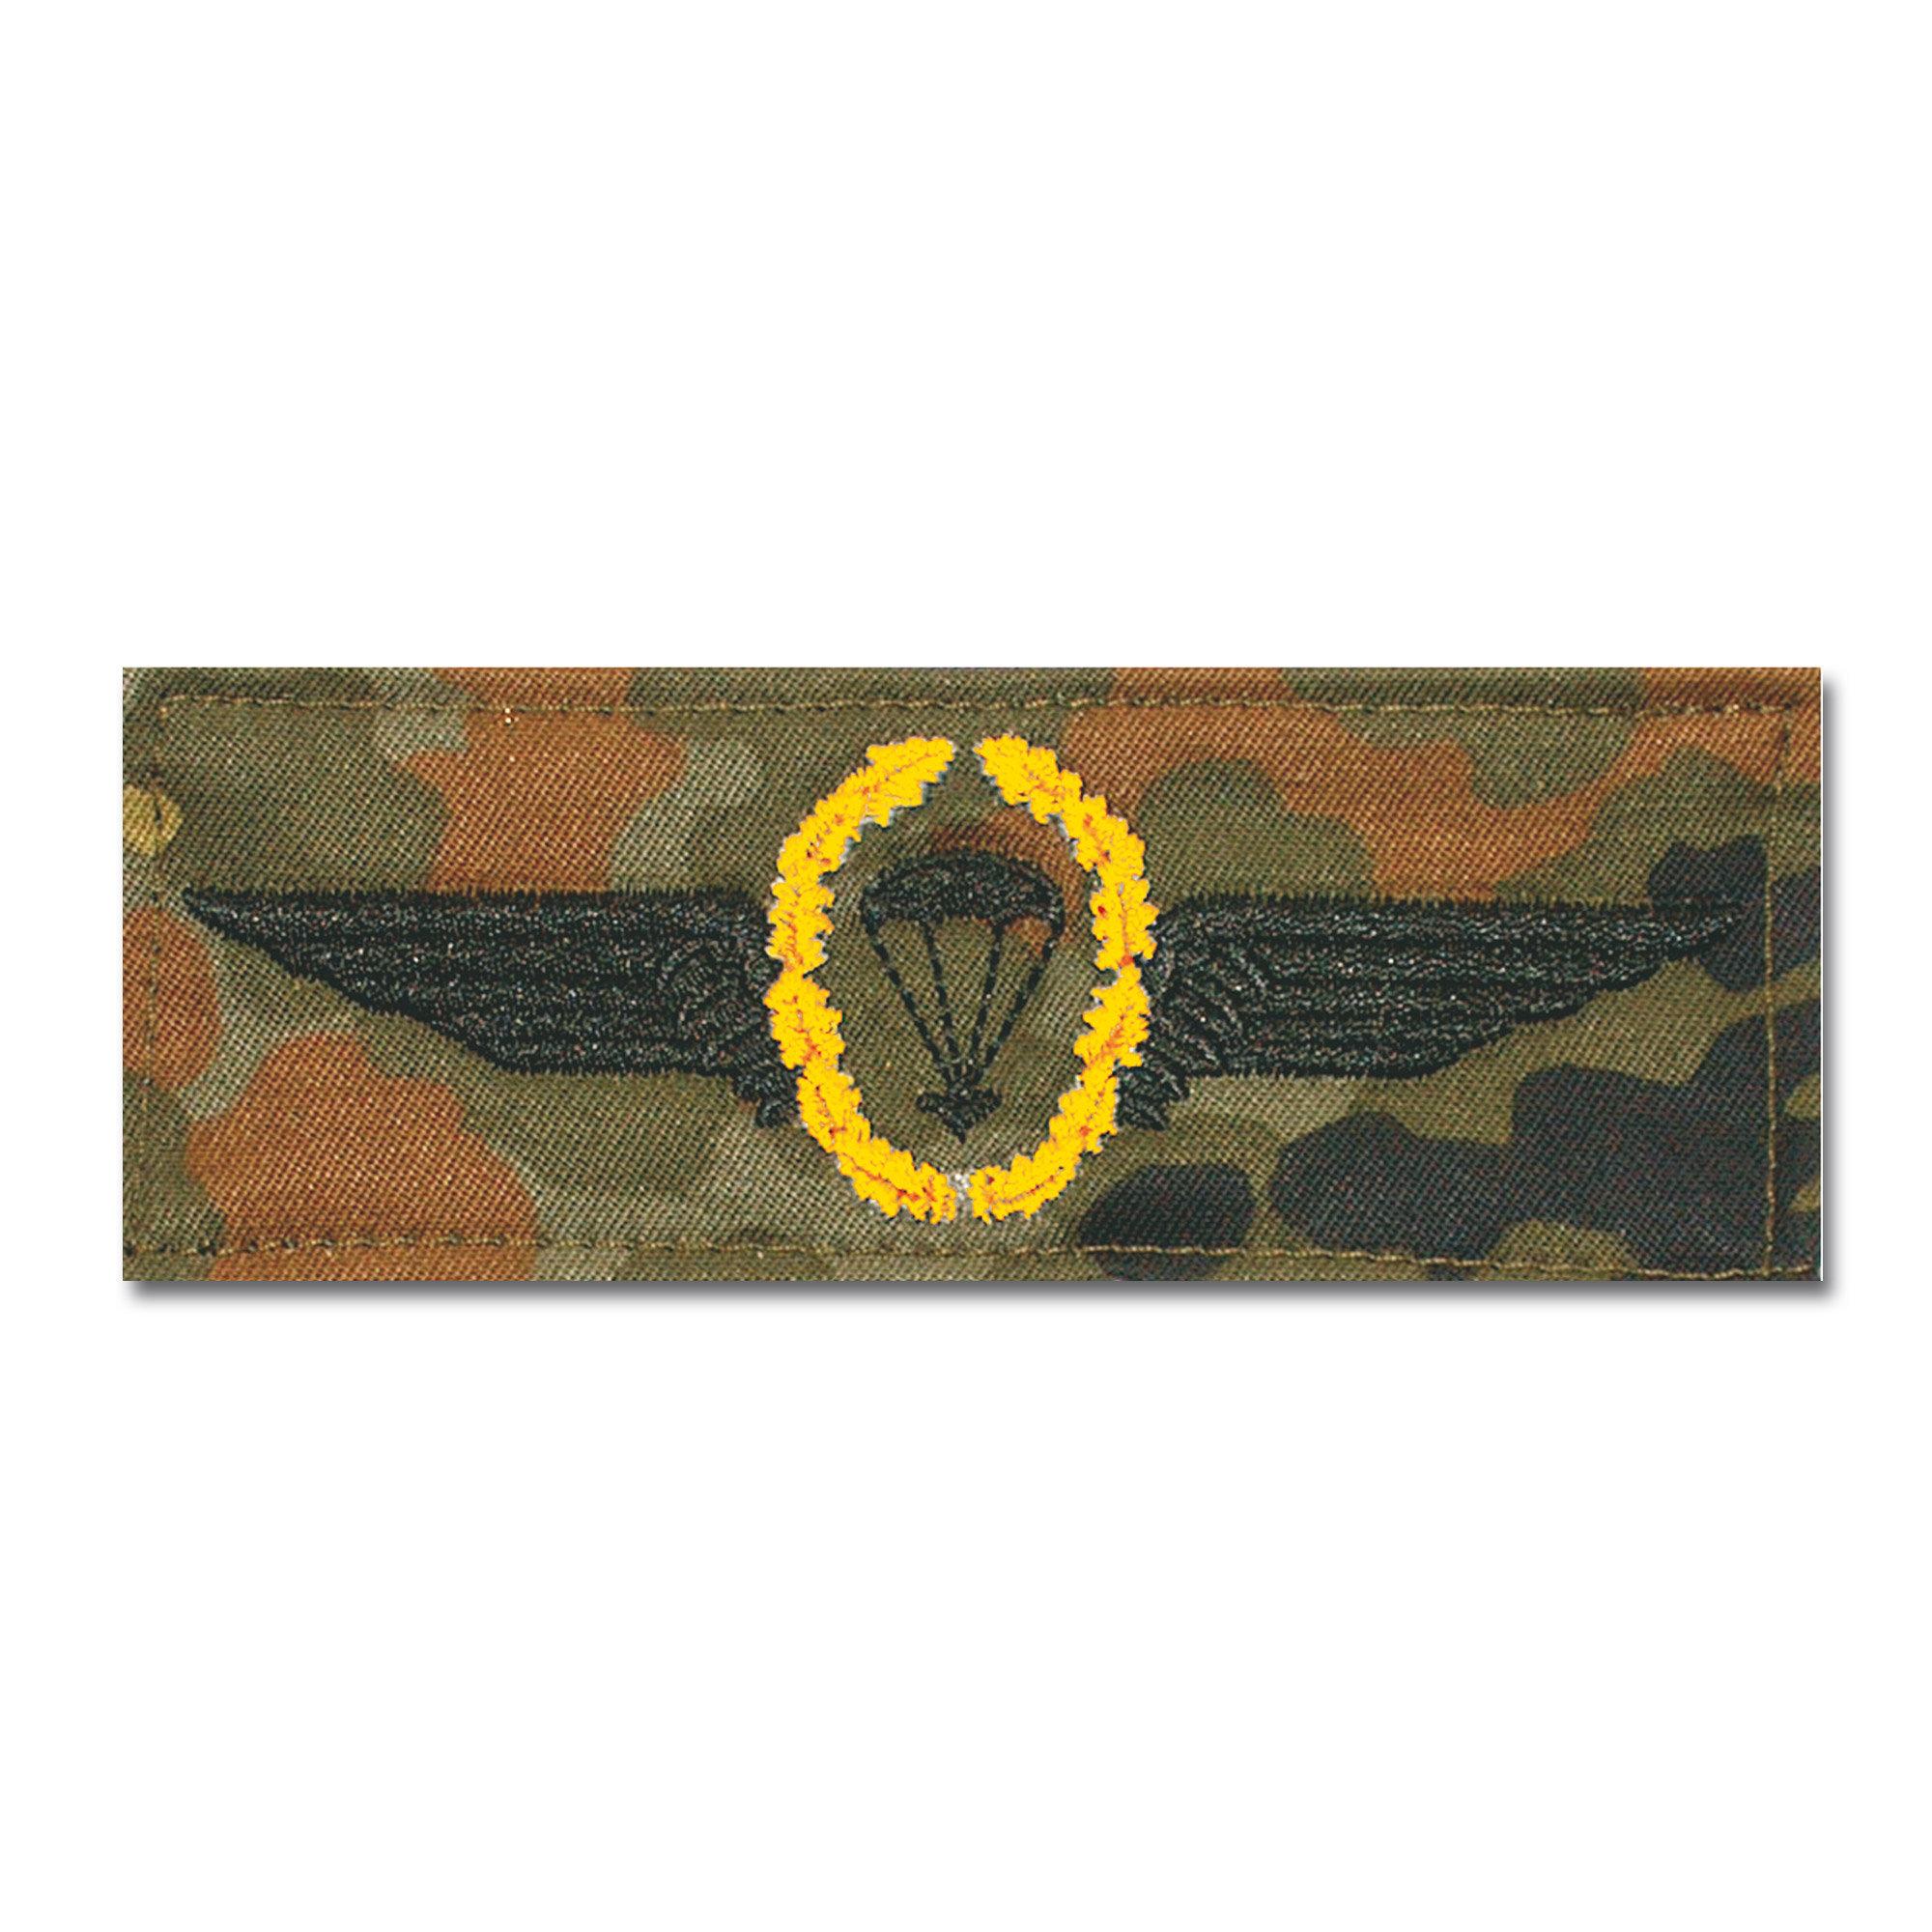 Abz. BW Fallschirmspringer gold/fleckt